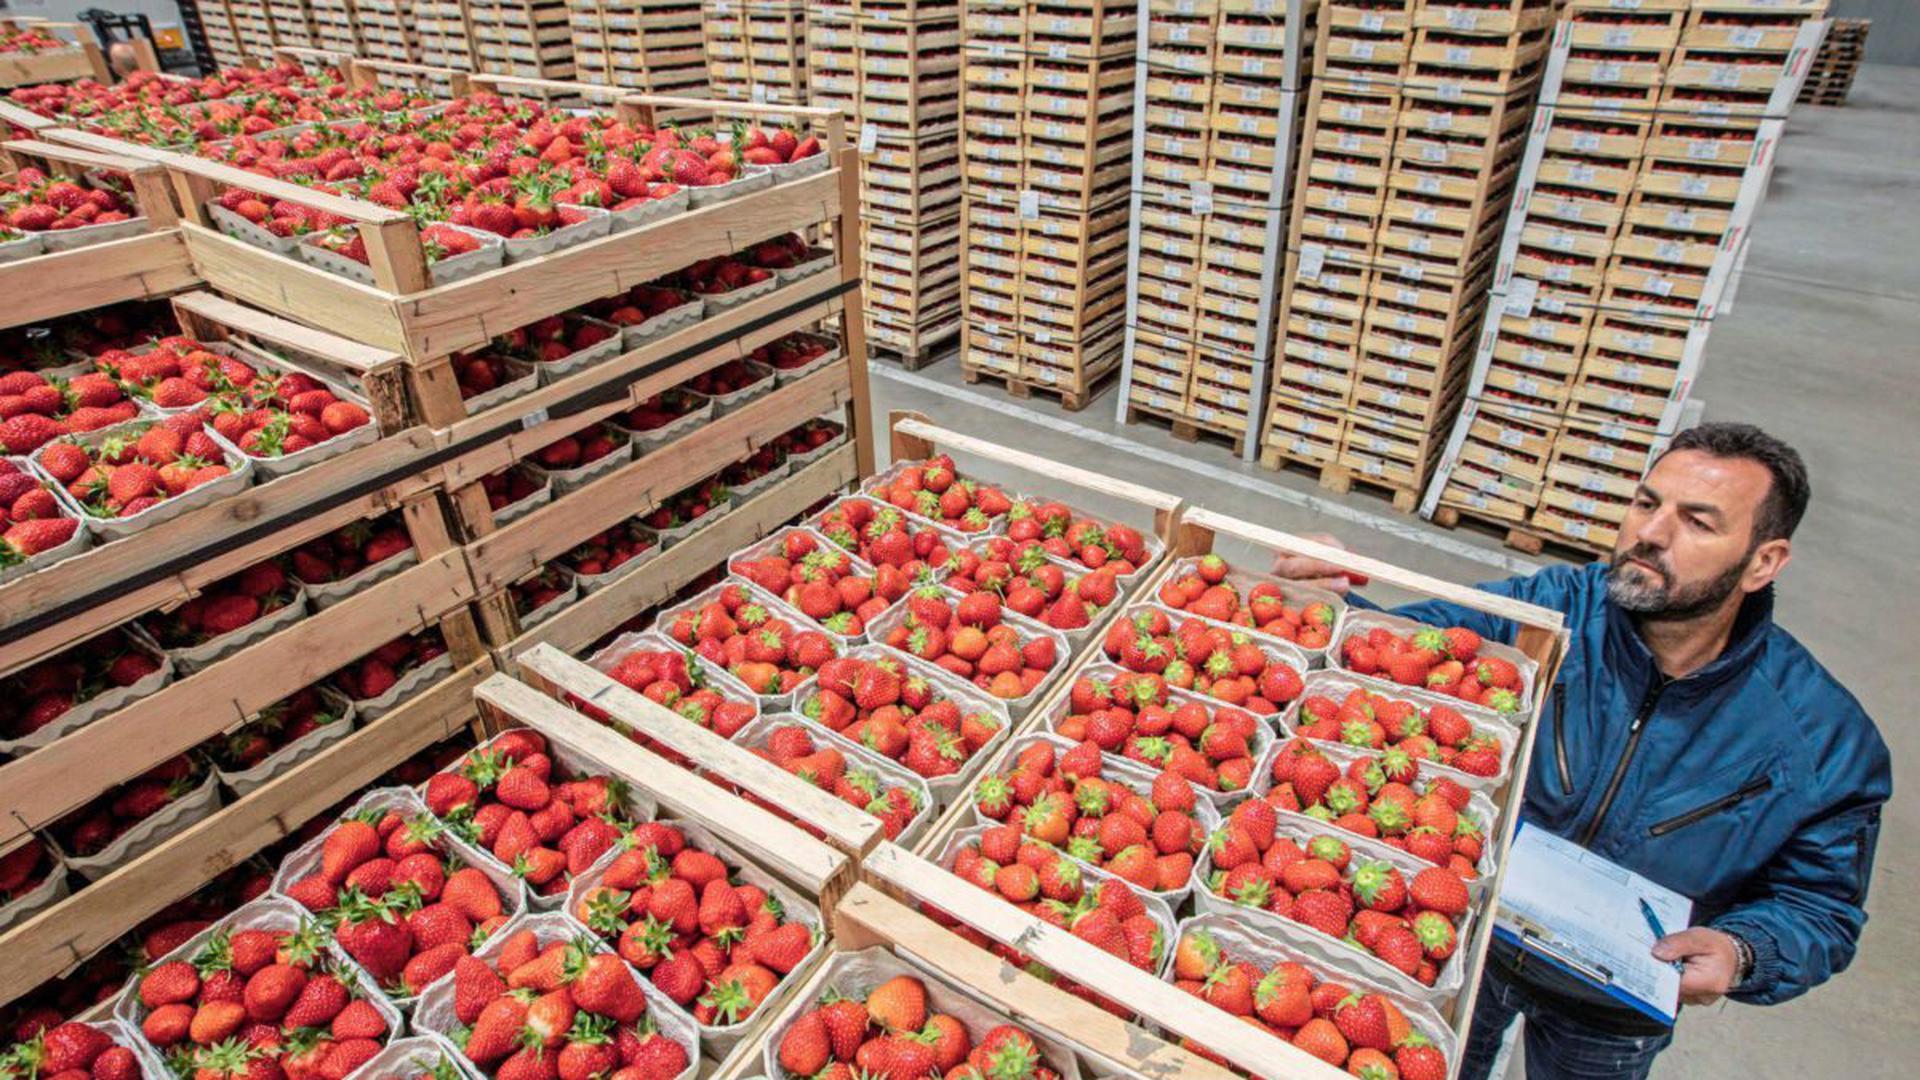 Zu wertvoll fürs Marmeladenglas: Badische Erdbeeren sind zu teuer um daraus Brotaufstrich zu kochen. Deshalb gibt es nach Ansicht des Geschäftsführers der Obst- und Gemüse-Absatzgenossenschaft Nordbaden, Hans Lehar, keine regionale Marmelade.